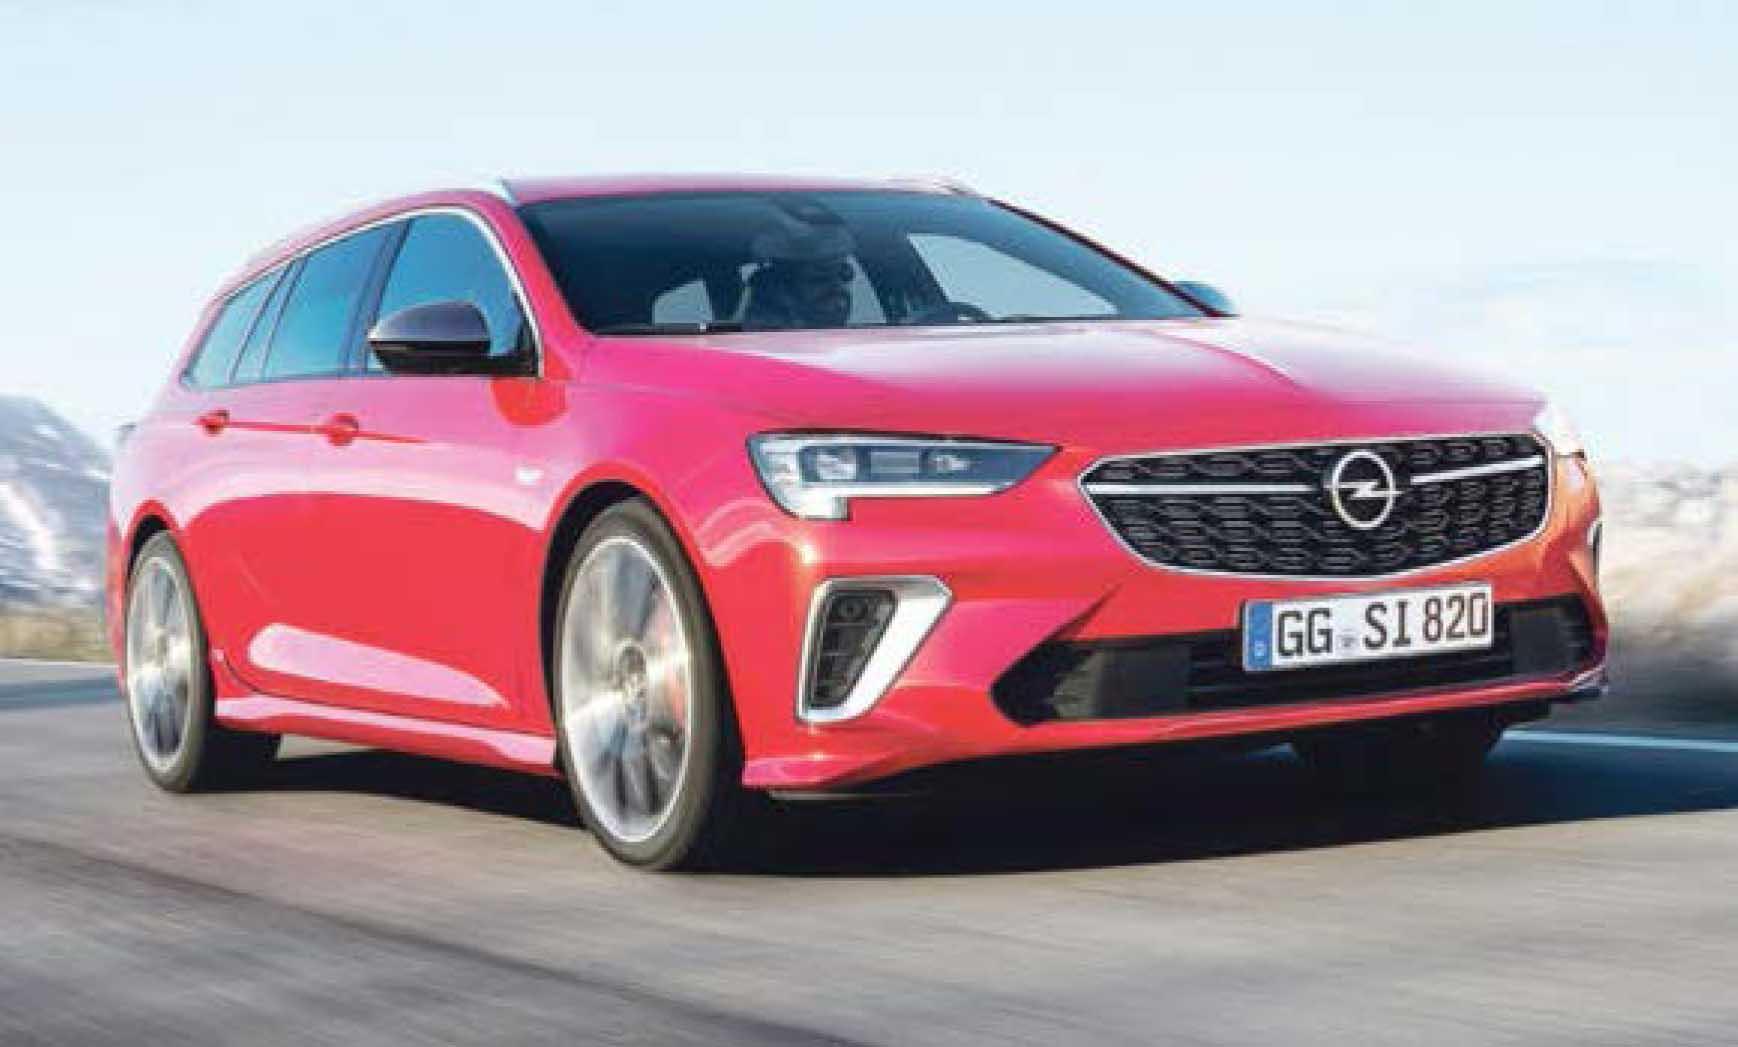 Der GSi ist der Sportlichste in der neuen Insignia-Flotte. Er spurtet mit Zweiliter-Turbobenziner (169 kW/230 PS, Verbrauchswerte nach WLTP gemessen und in NEFZ umgerechnet, kombiniert, vorläufige Werte: 6,9 l/100 km, CO2-Emission 161 g/km) ins neue Jahr.